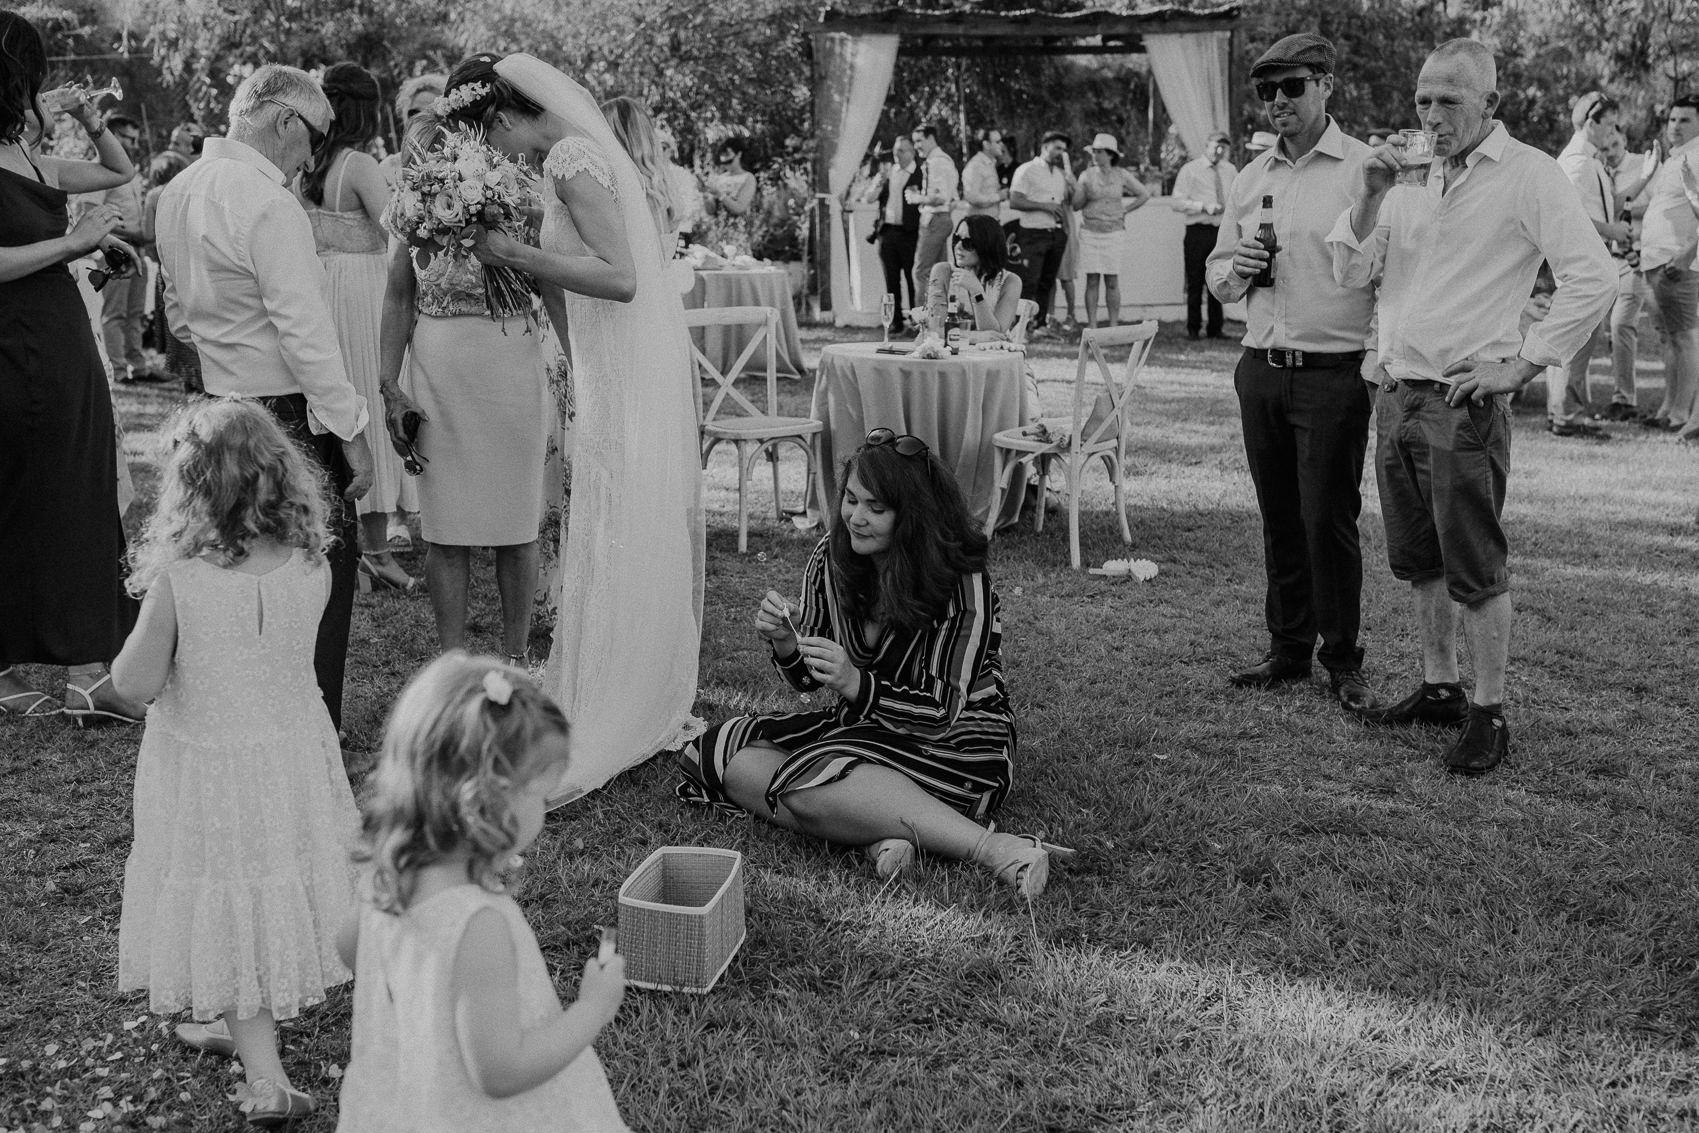 Sarah & Bill | Summer wedding at Cortijo Rosa Blanca | Marbella - Spain 109